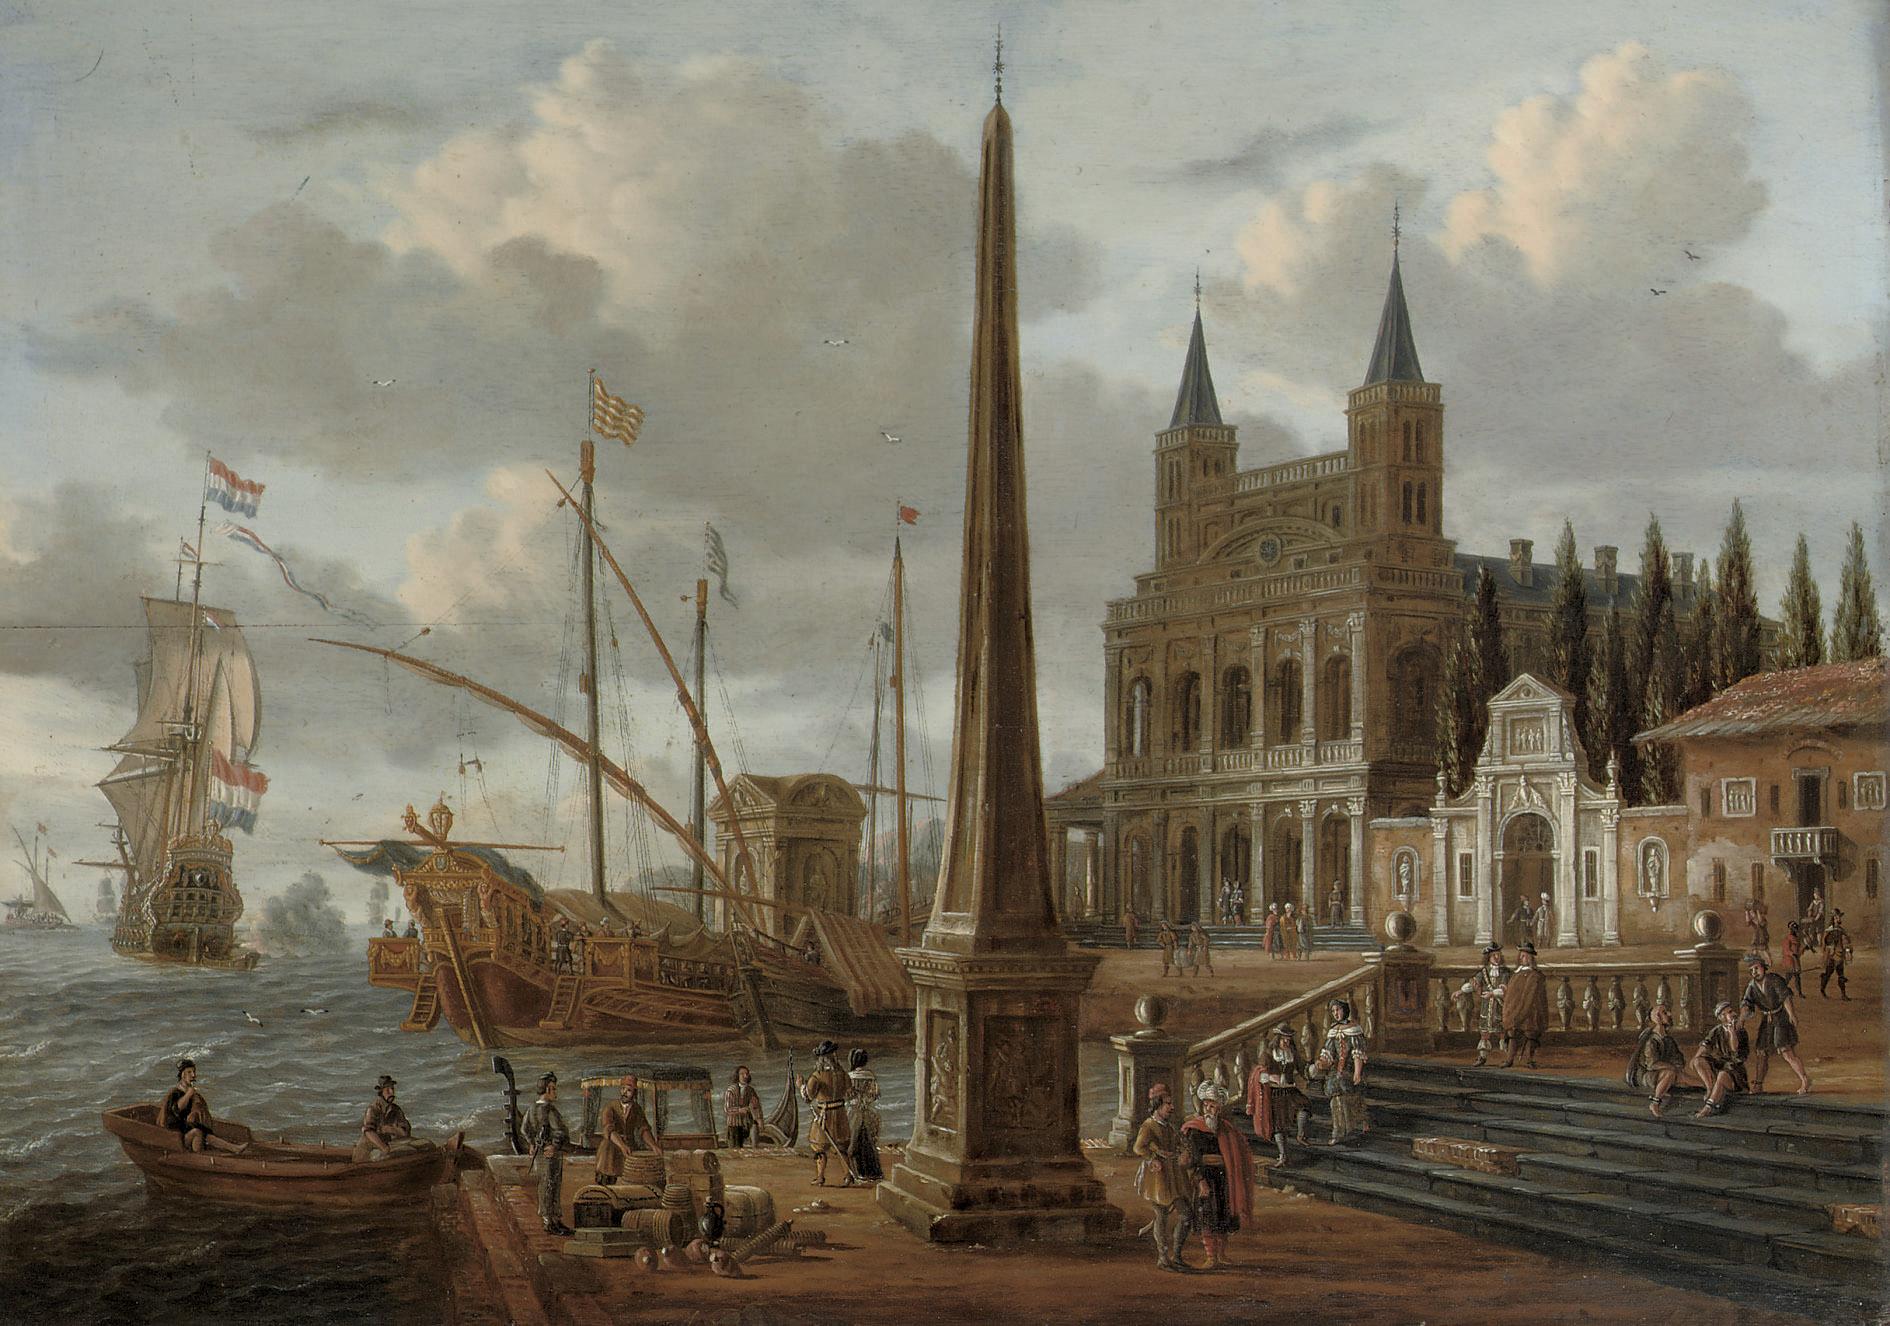 A meditteranean harbour scene with the facade of the Basilica di San Giovanni in Laterano